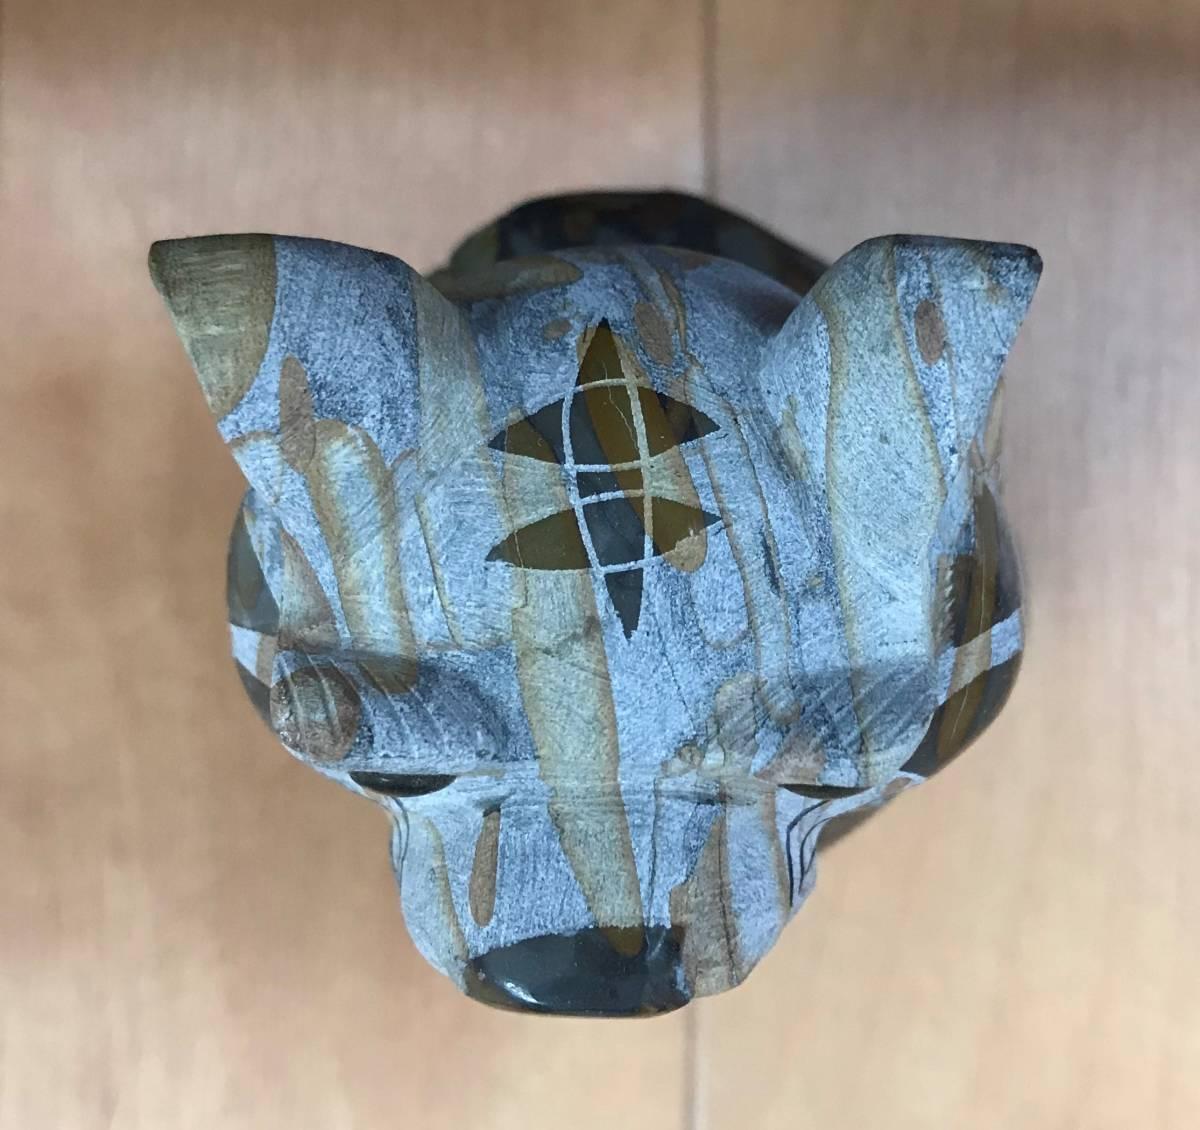 マーブル石 トラの置物 オブジェ カッコイイ 父の日 かっこいい スーツ とら 虎 寅 リビング 玄関 書斎 インテリア 大理石 _画像3